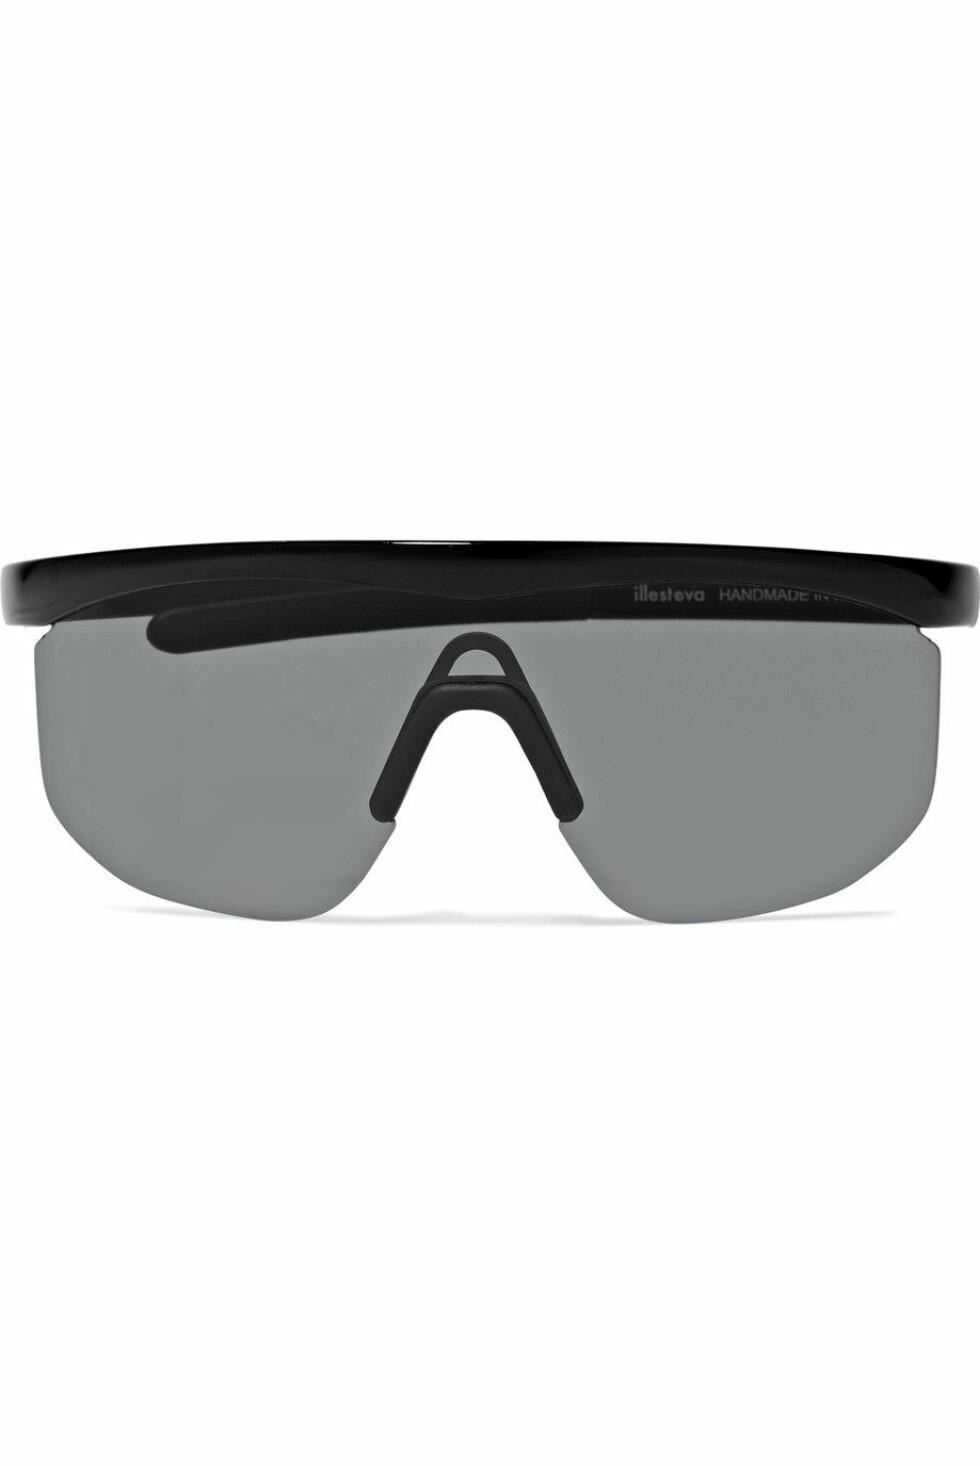 Solbriller fra Illesteva |2080,-| https://www.net-a-porter.com/no/en/product/1113025/illesteva/managua-d-frame-acetate-sunglasses